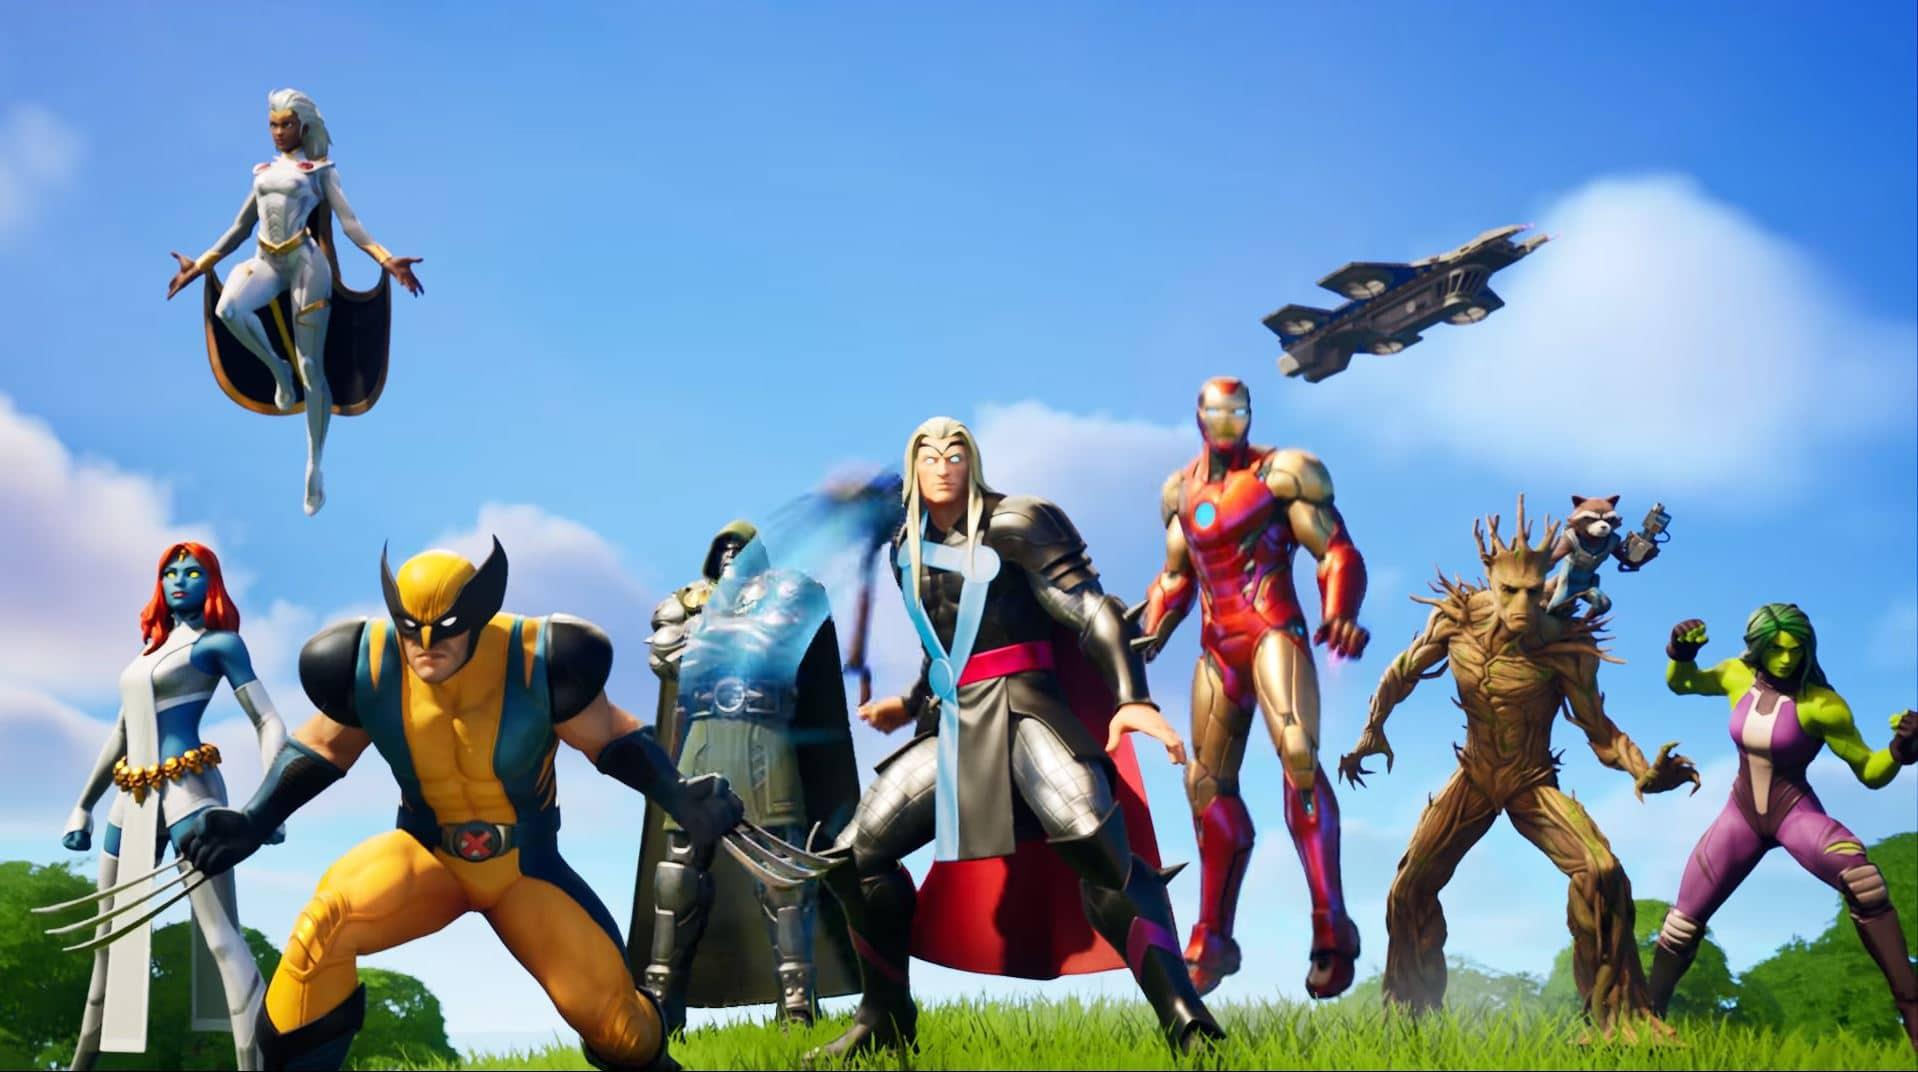 Fortnite Chapter 2, Season 4 Battle Pass Skins - All Marvel Skins | Fortnite  Insider